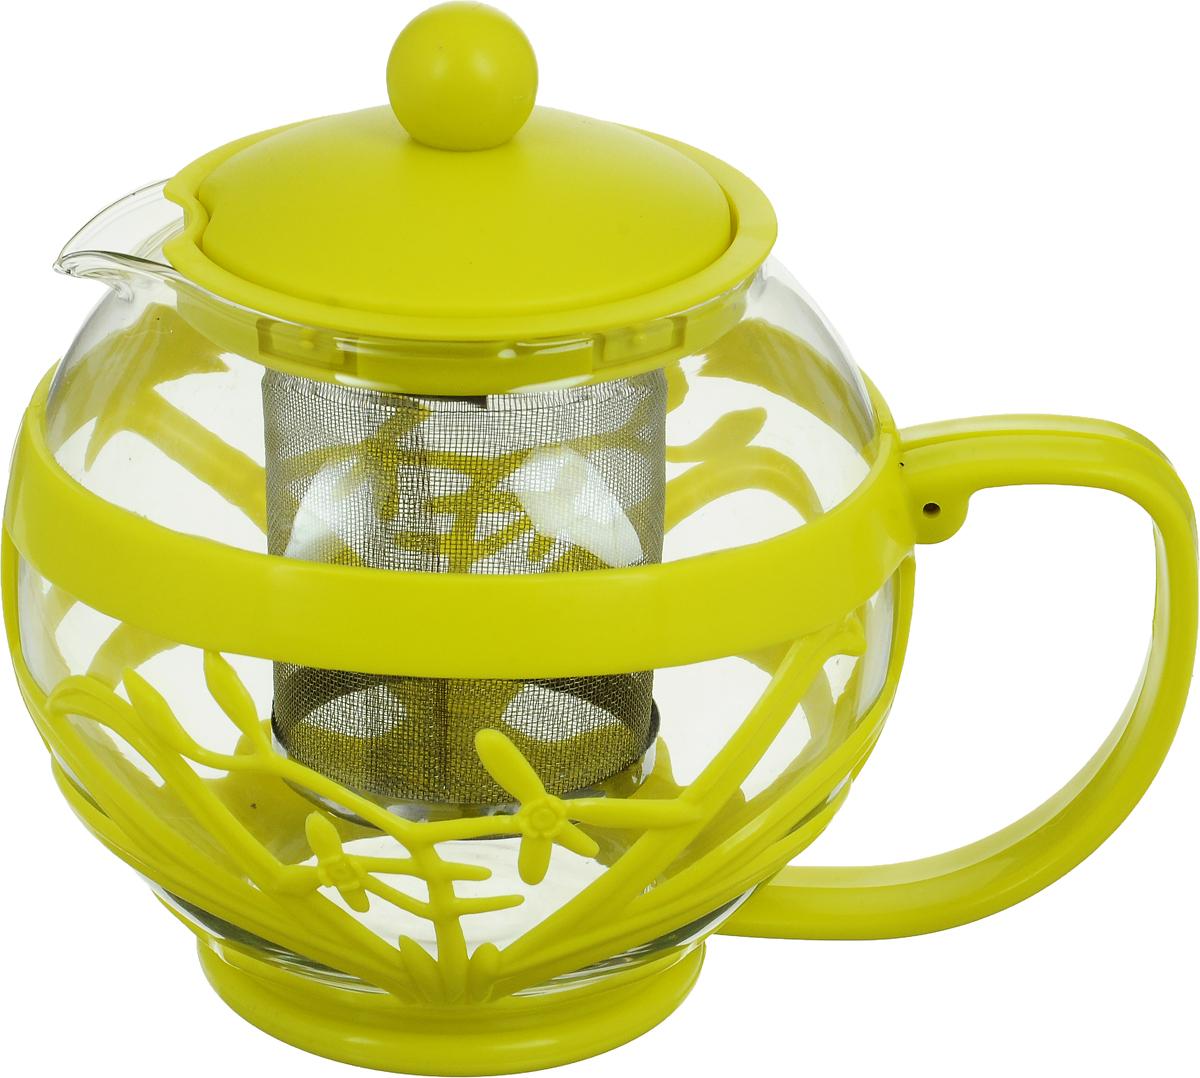 Чайник заварочный Menu Мелисса, с фильтром, цвет: прозрачный, салатовый, 750 млMLS-75_прозрачный, салатовыйЧайник Menu Мелисса изготовлен из прочного стекла и пластика. Он прекрасно подойдет для заваривания чая и травяных напитков. Классический стиль и оптимальный объем делают его удобным и оригинальным аксессуаром. Изделие имеет удлиненный металлический фильтр, который обеспечивает высокое качество фильтрации напитка и позволяет заварить чай даже при небольшом уровне воды. Ручка чайника не нагревается и обеспечивает безопасность использования.Нельзя мыть в посудомоечной машине.Диаметр чайника (по верхнему краю): 8 см. Высота чайника (без учета крышки): 11 см. Размер фильтра: 6 х 6 х 7,2 см.